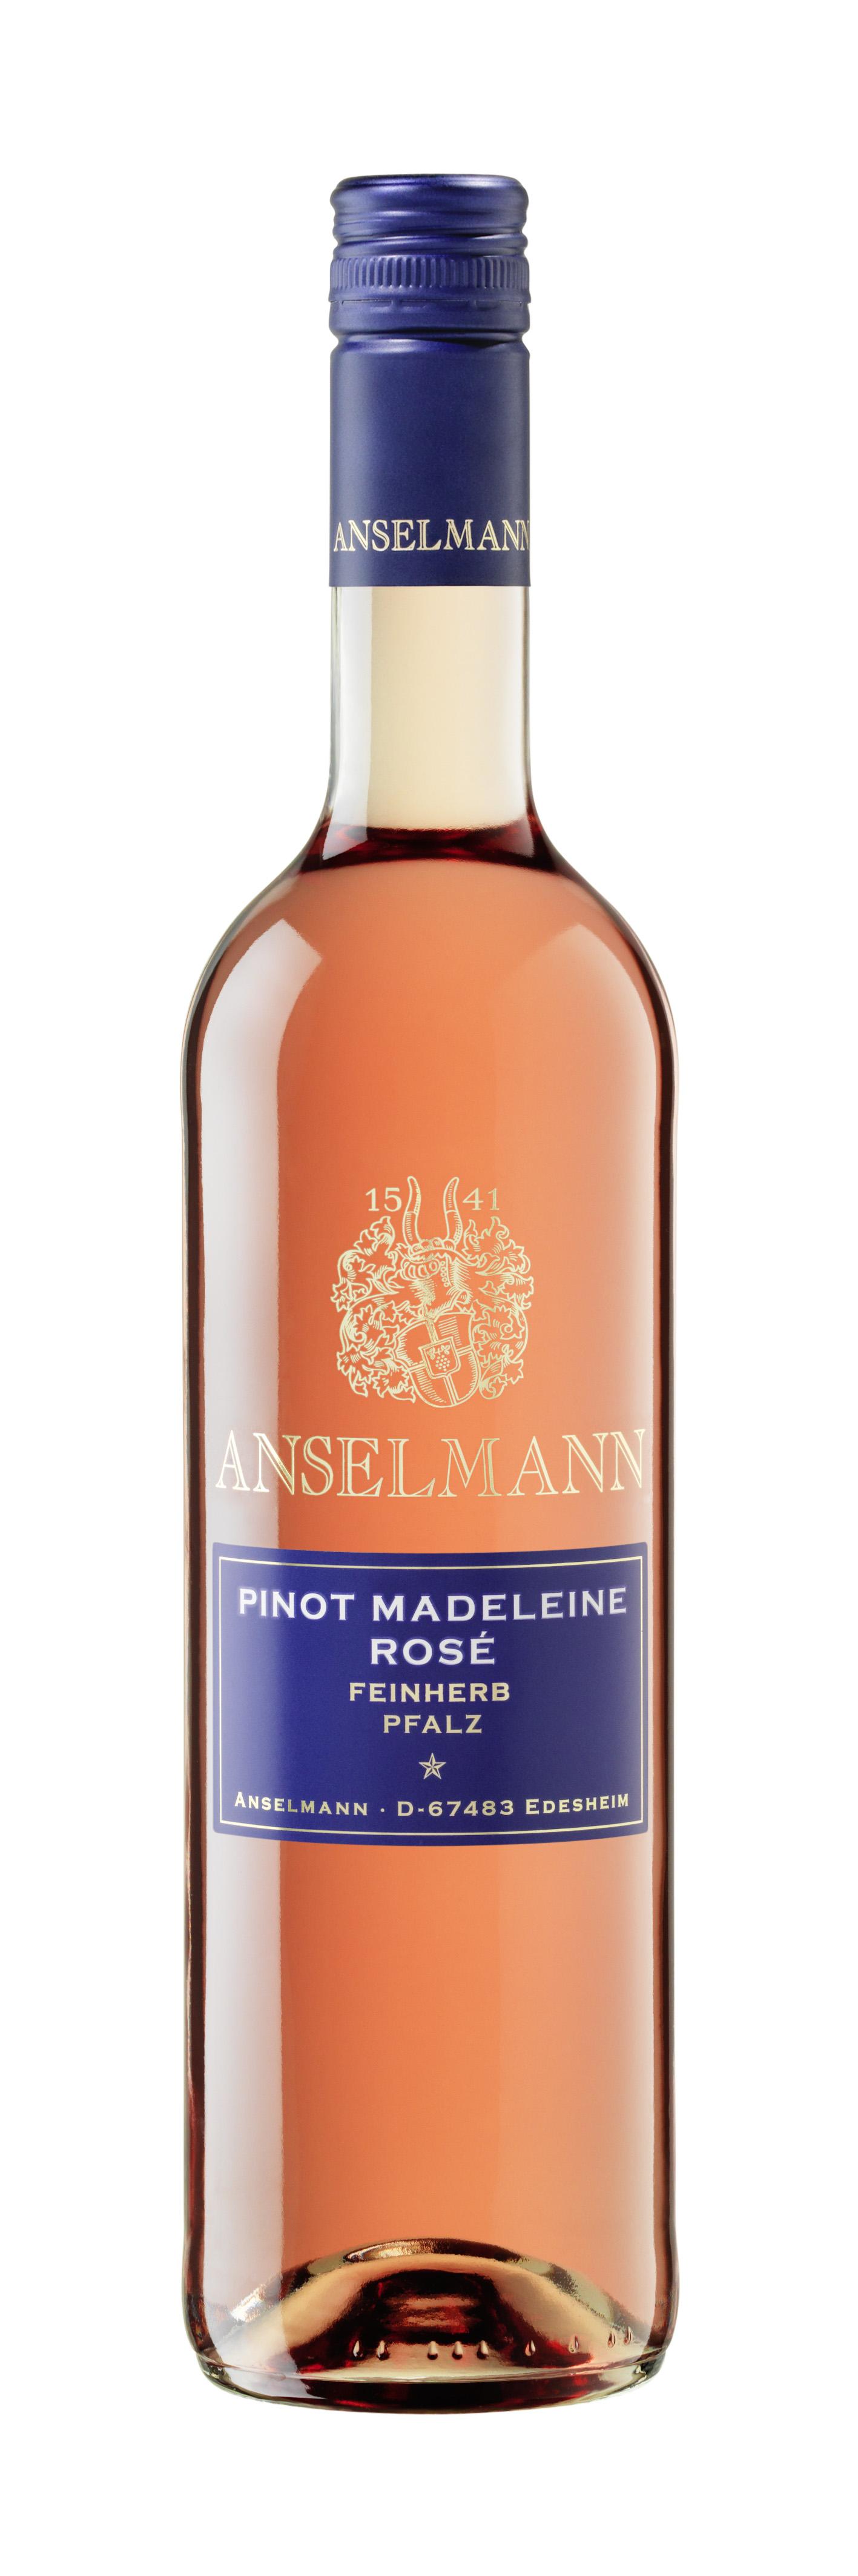 Pinot Madeleine Rosé feinherb